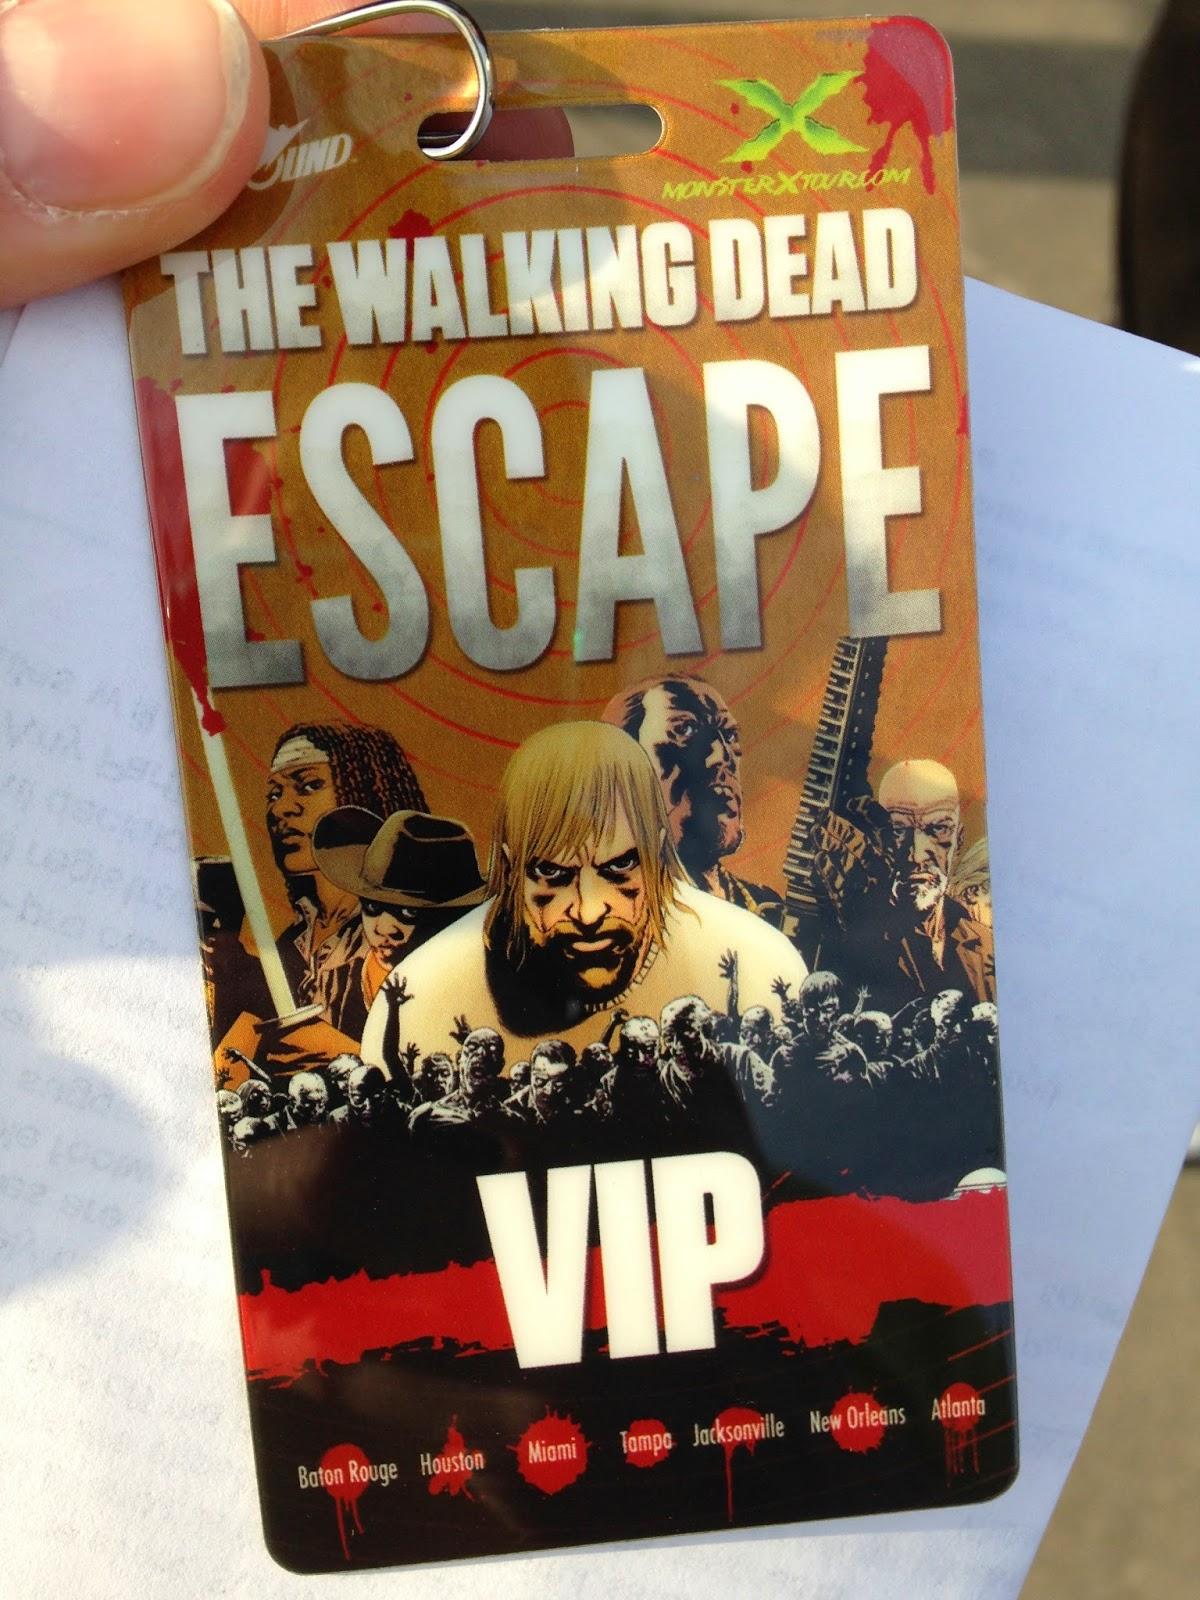 walking dead escape coupon